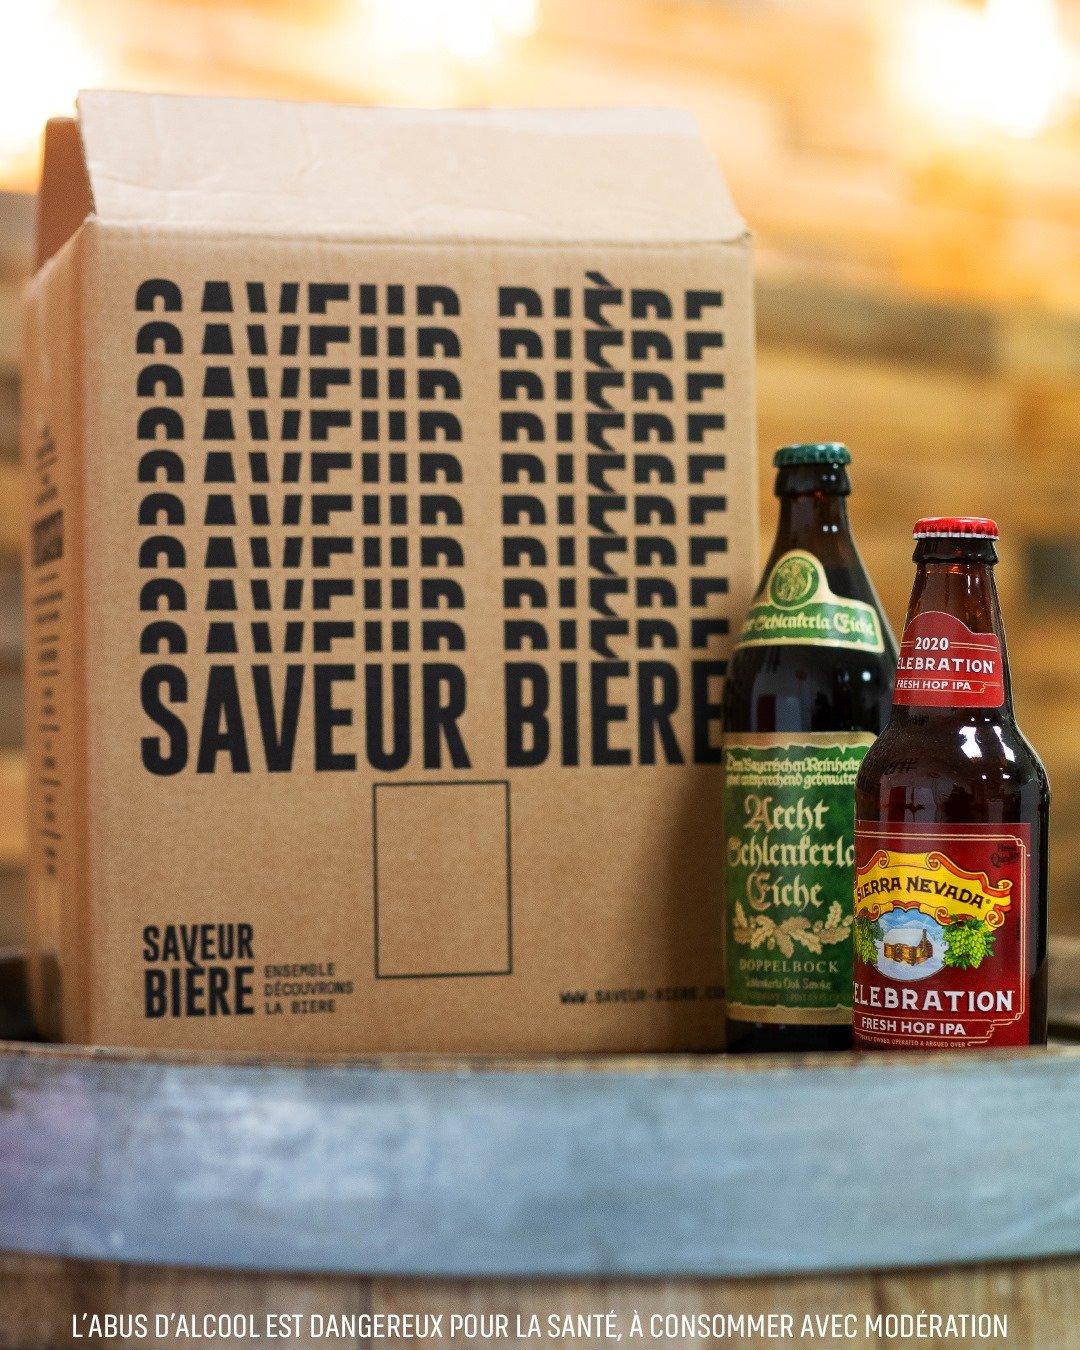 Carton avec deux bouteilles de bière pour la Fête des pères Saveur Bière